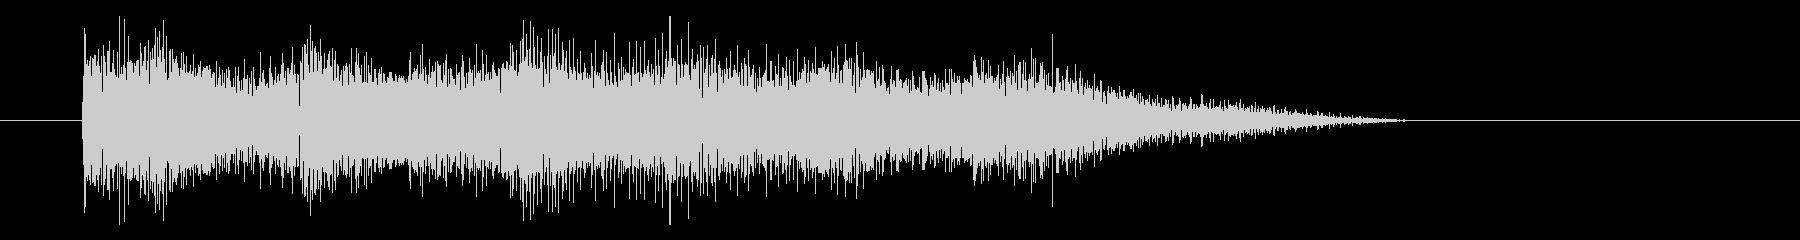 残念な音の未再生の波形